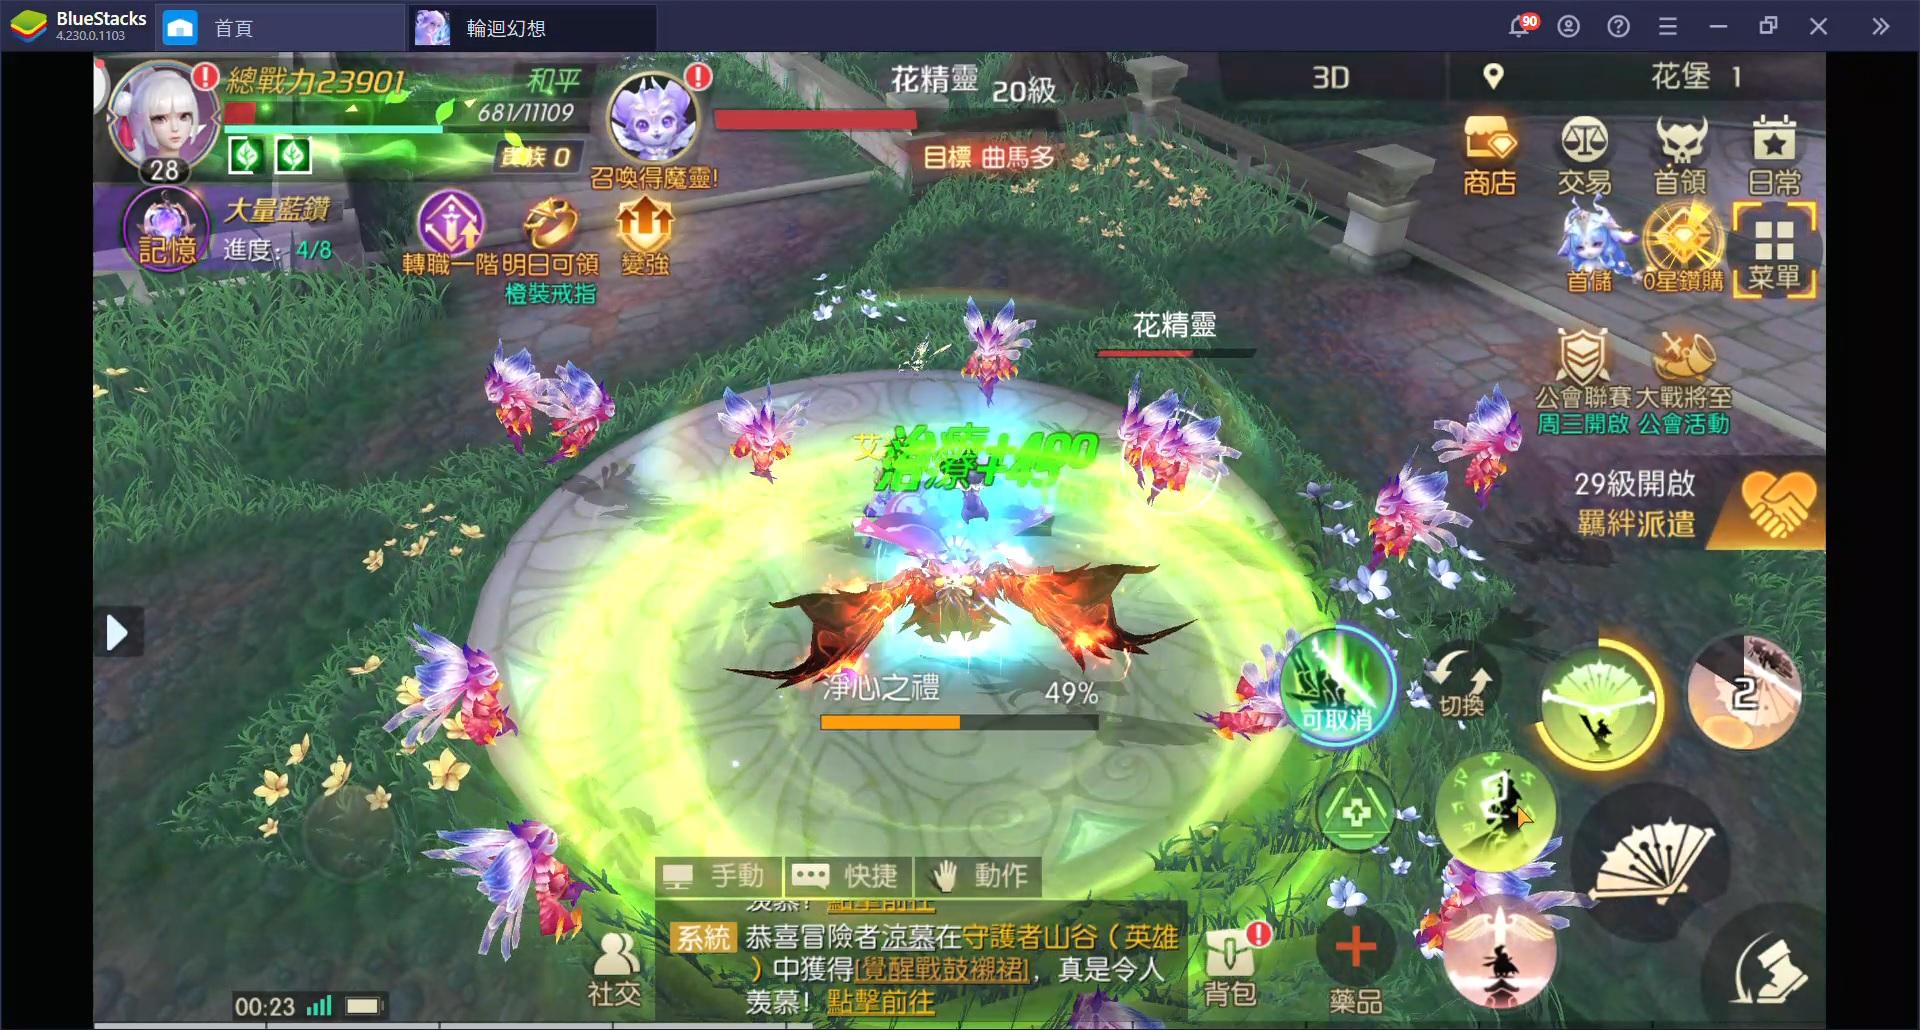 《輪迴幻想》:【神槍手】與【巫女】之進階職業技能